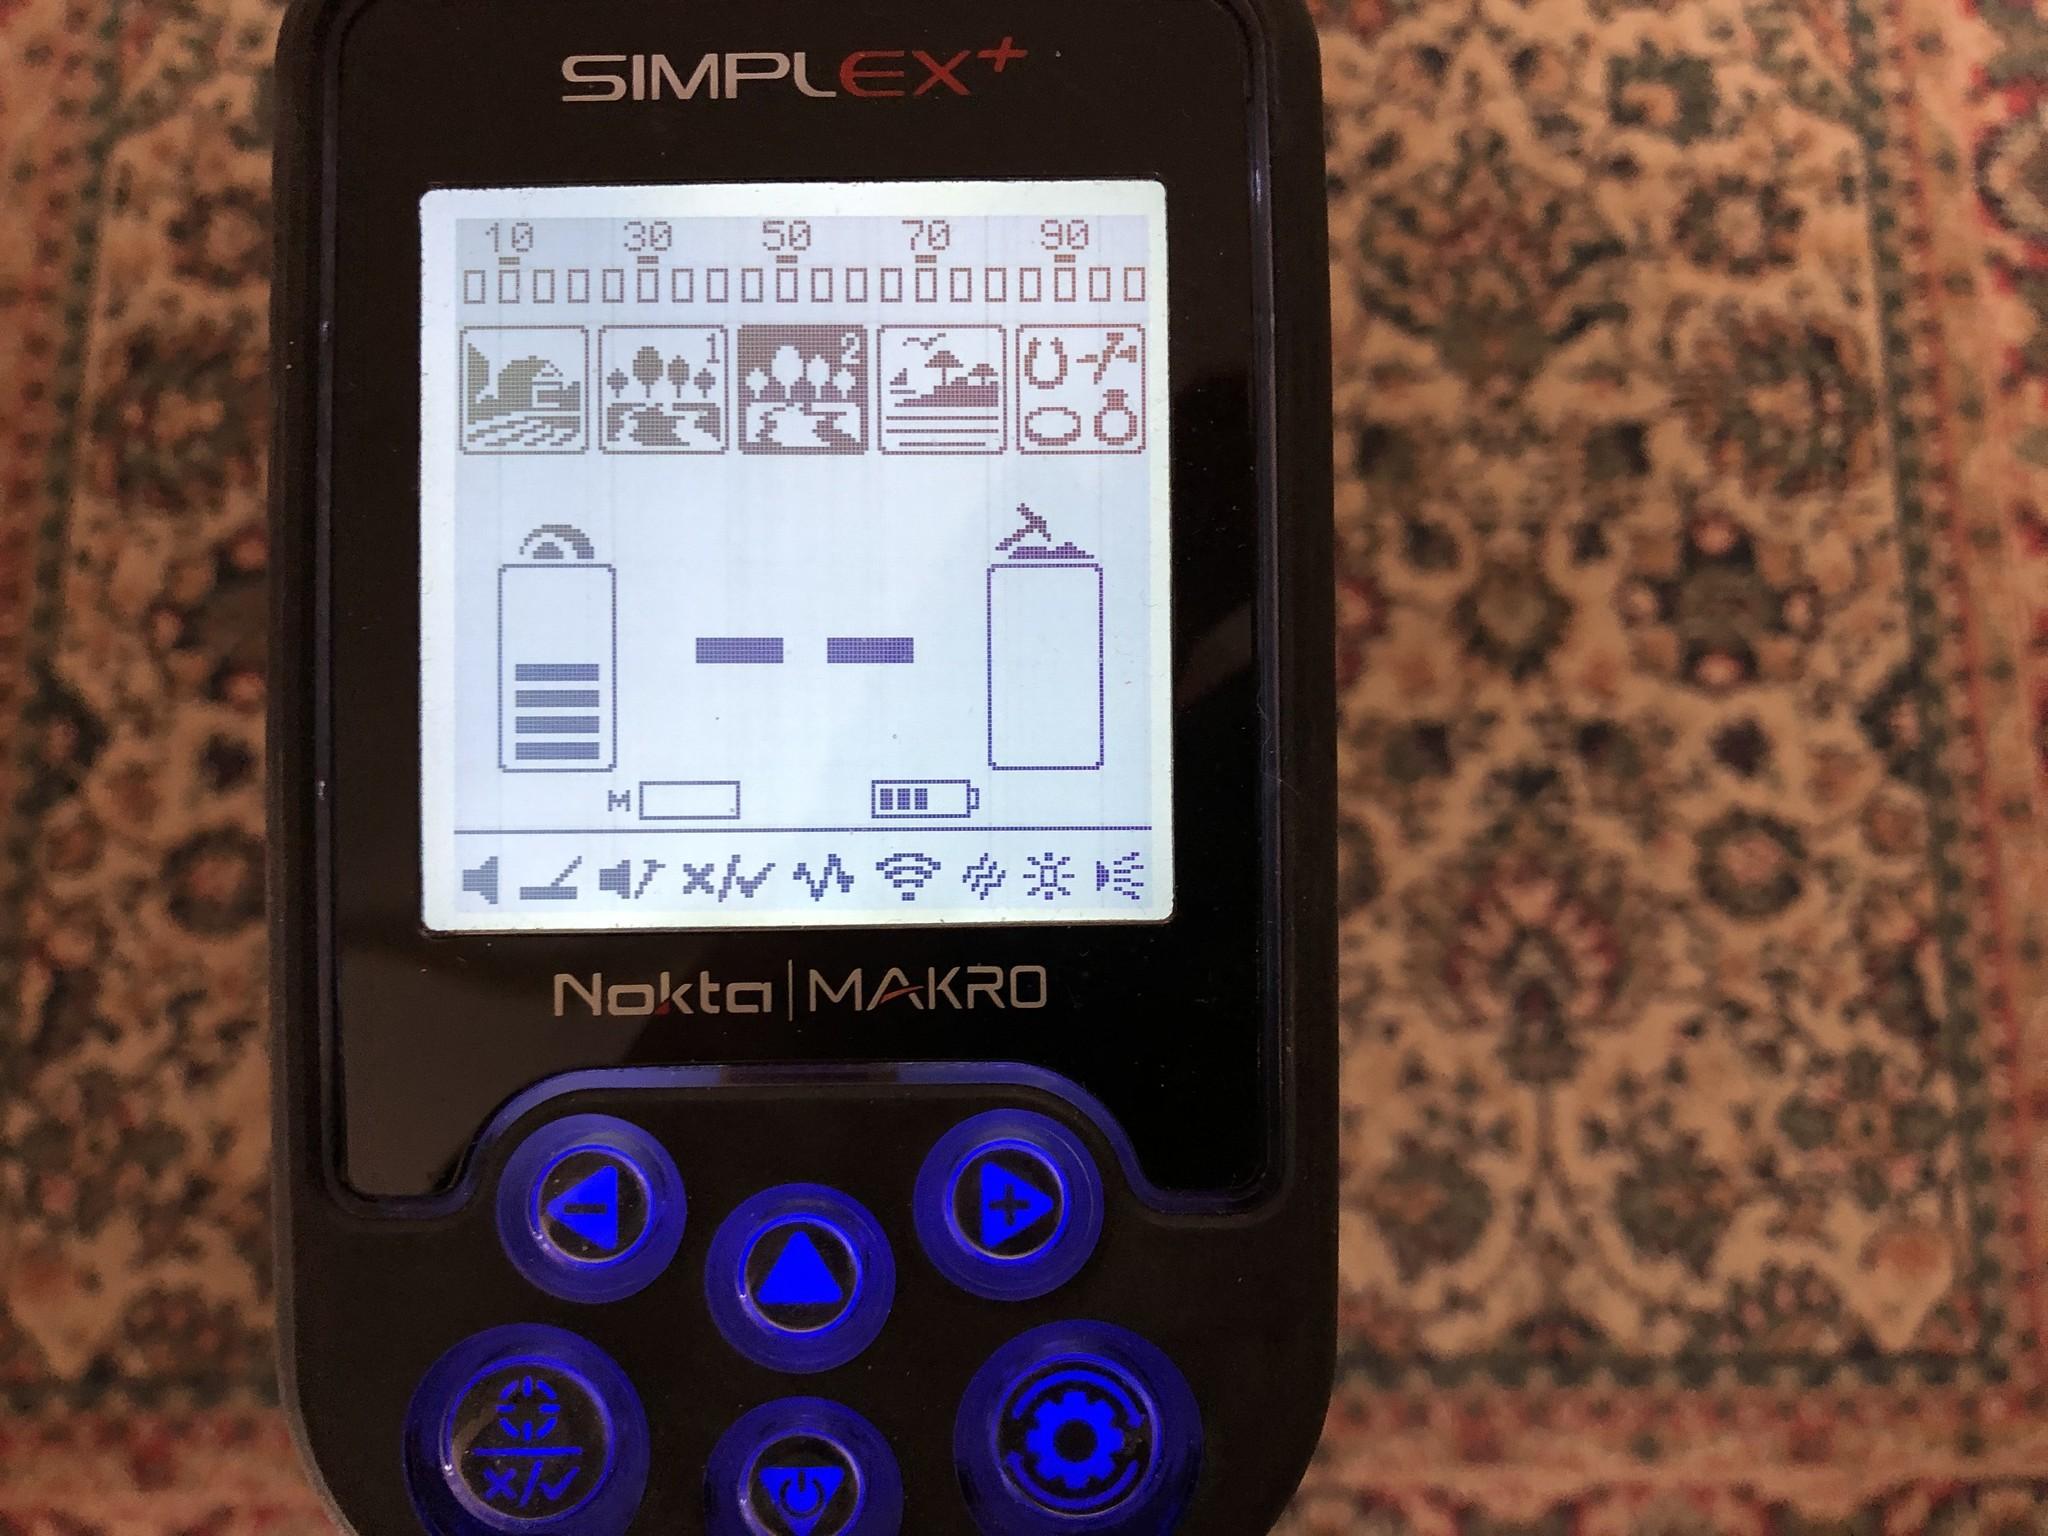 Nokta&Makro Simplex. Makro Nokta Simplex WHP Nieuw Model 2019  Detector